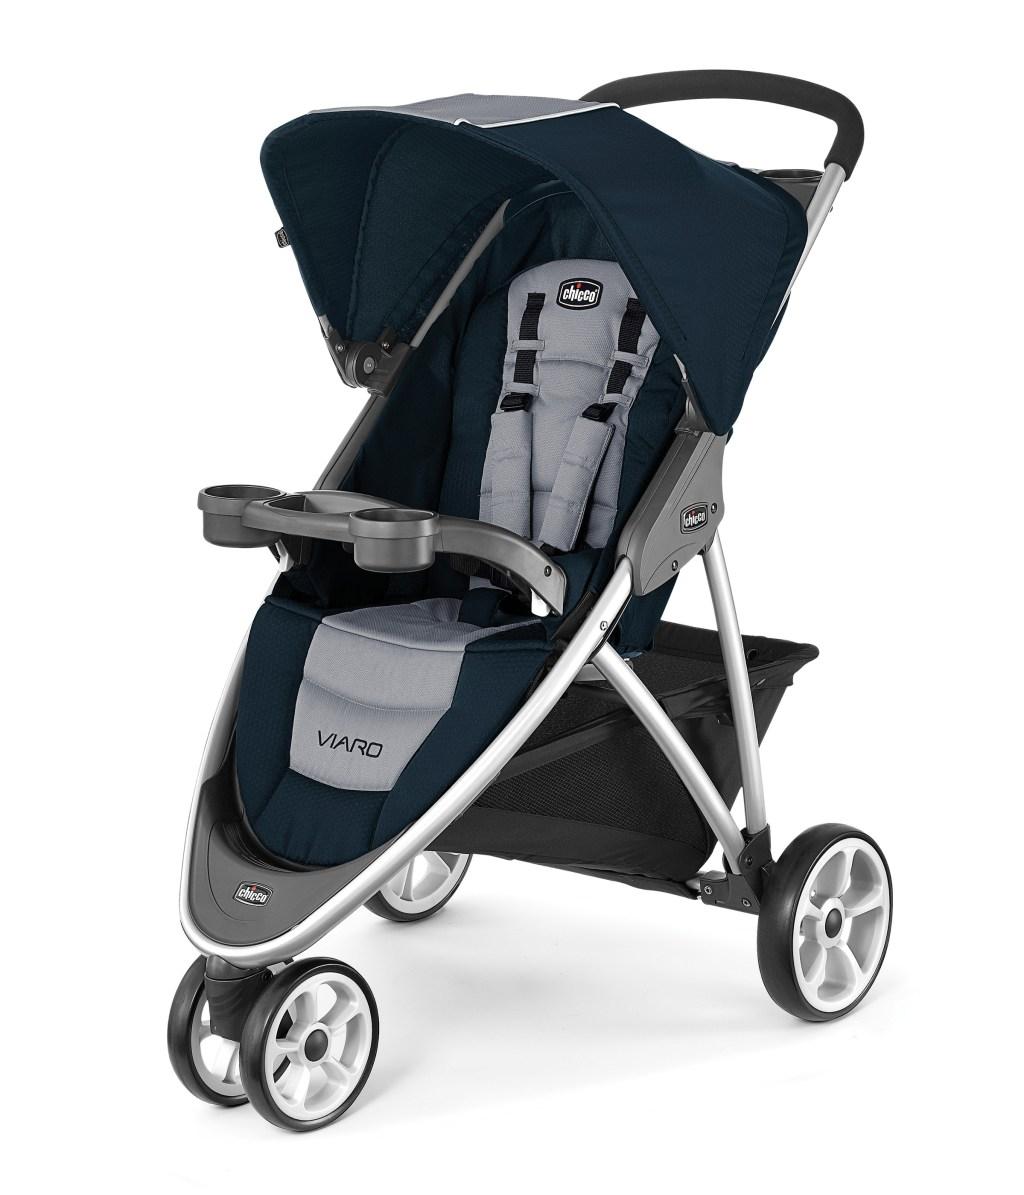 Chicco Viaro Quick-Fold stroller regatta